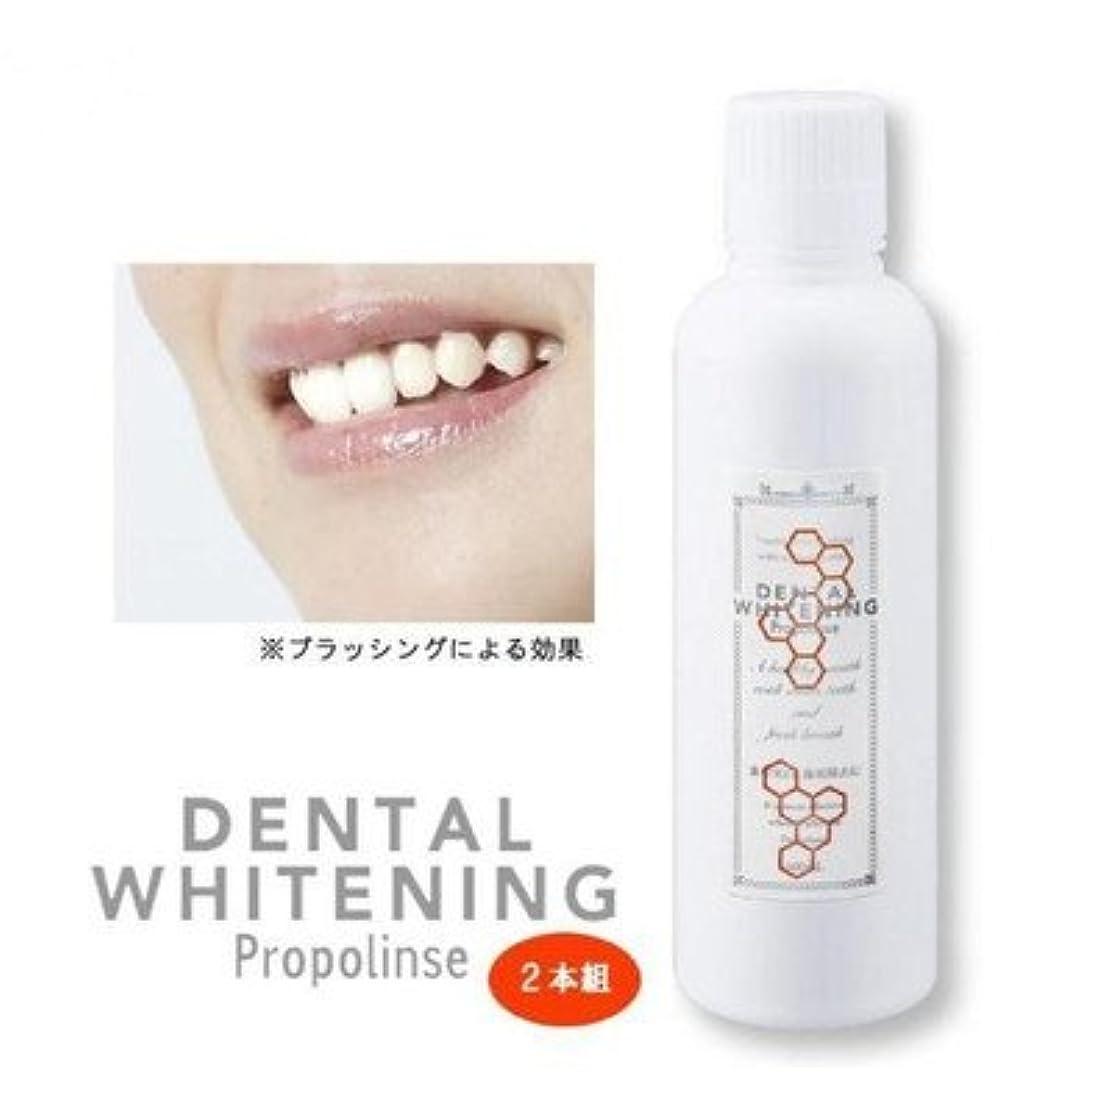 鎮痛剤含む遺産プロポリンス デンタルホワイトニング 600ml×2本